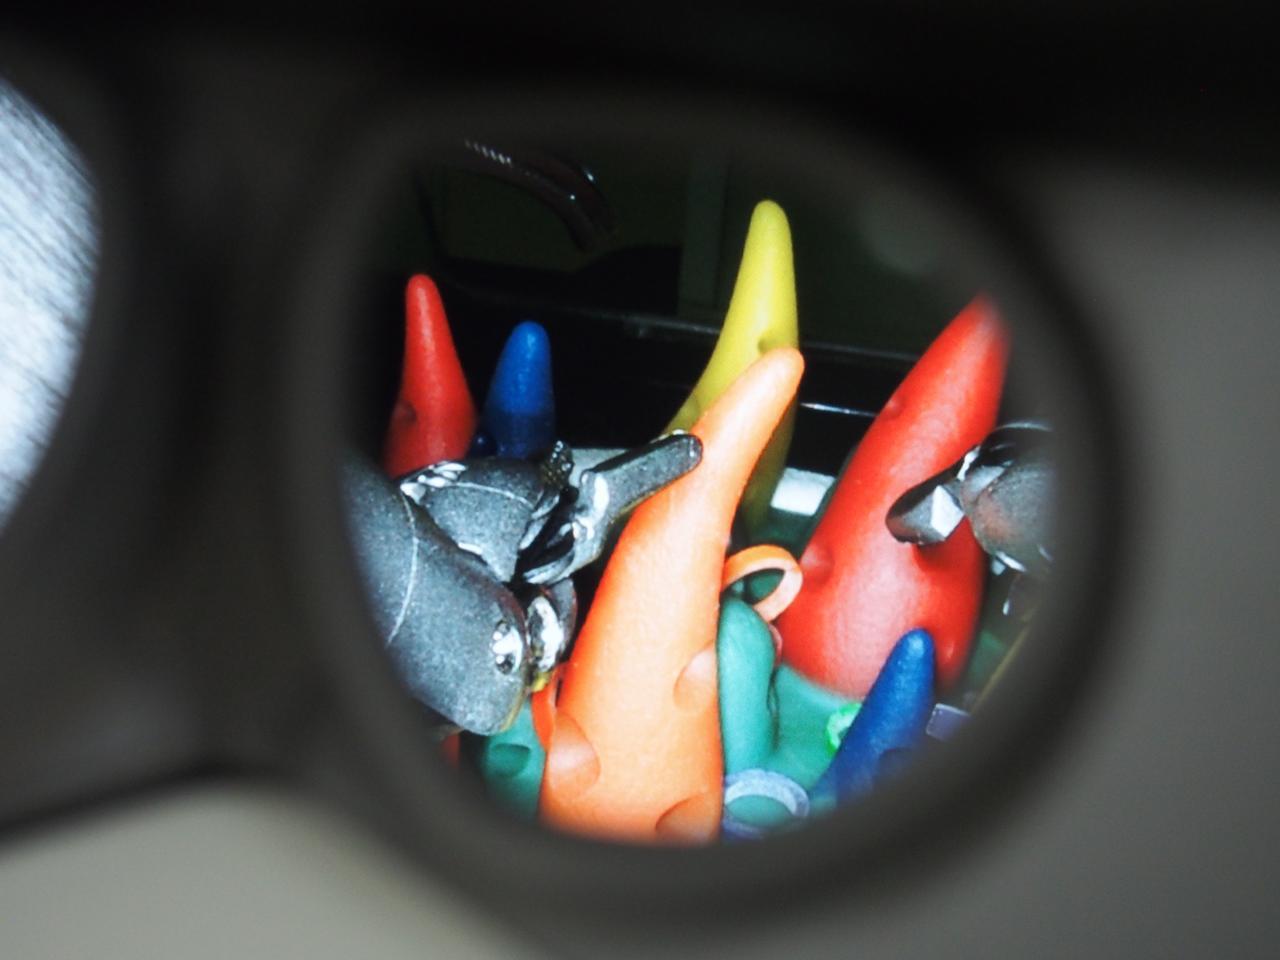 画像: 実際に操作台のレンズをのぞき込むと、奥行まで鮮明に映し出されていた。